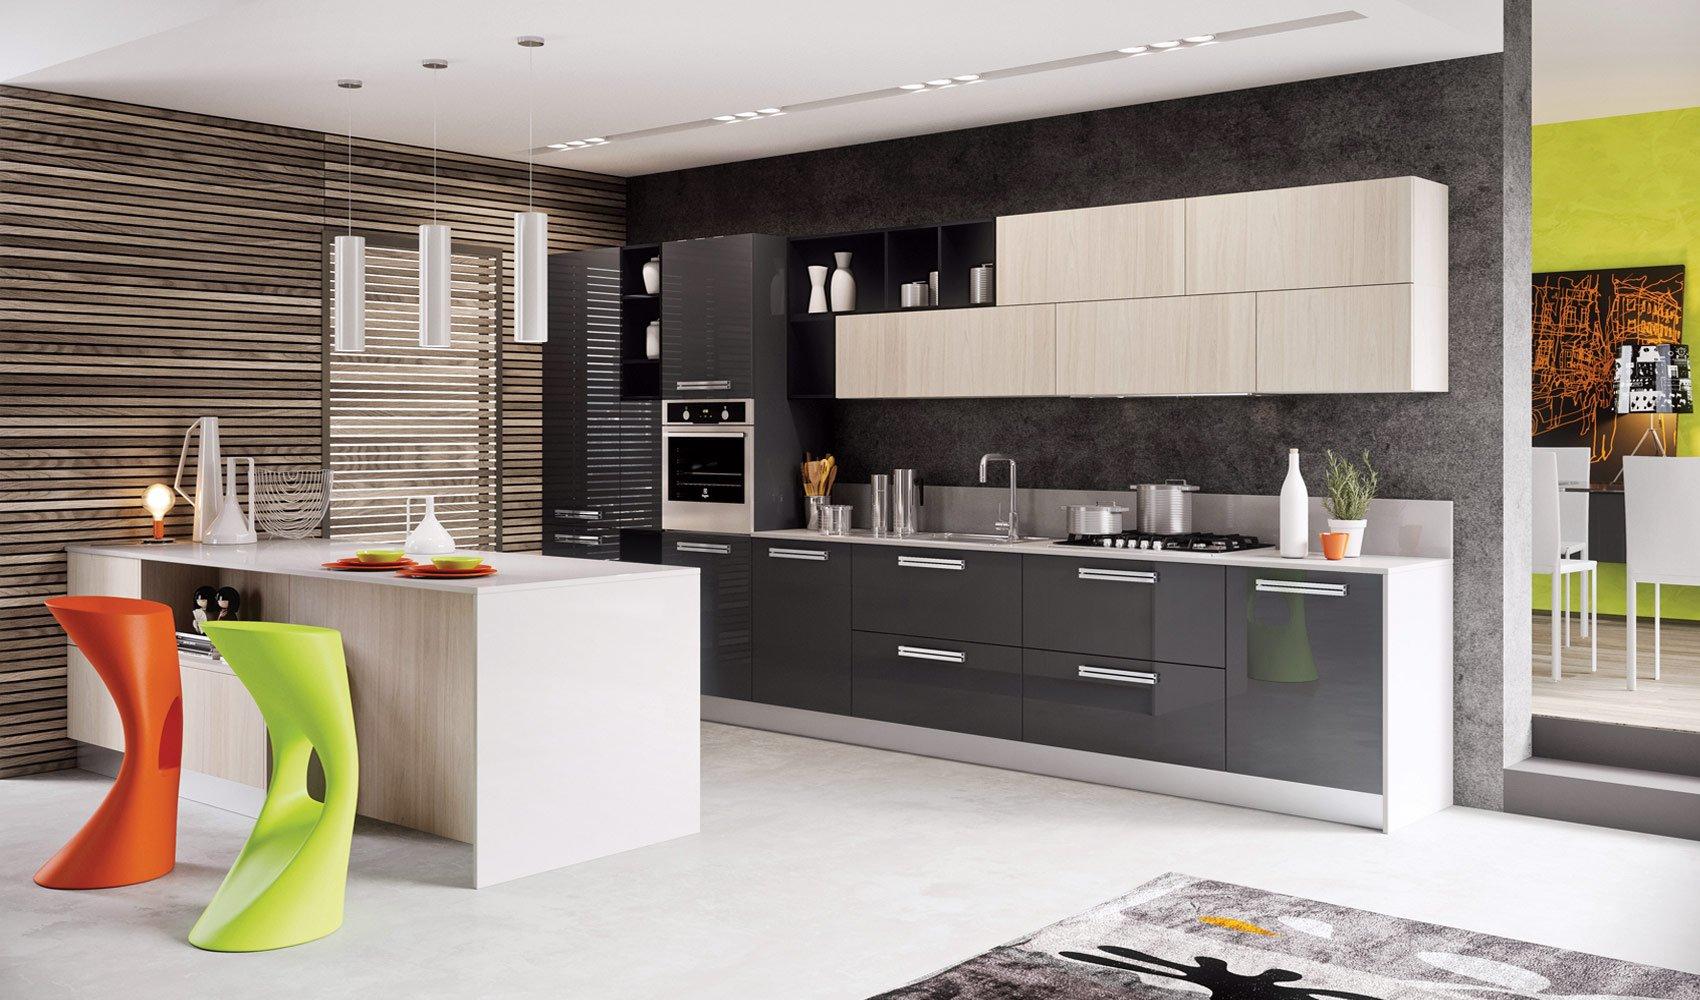 самое фото модных кухонь тверской